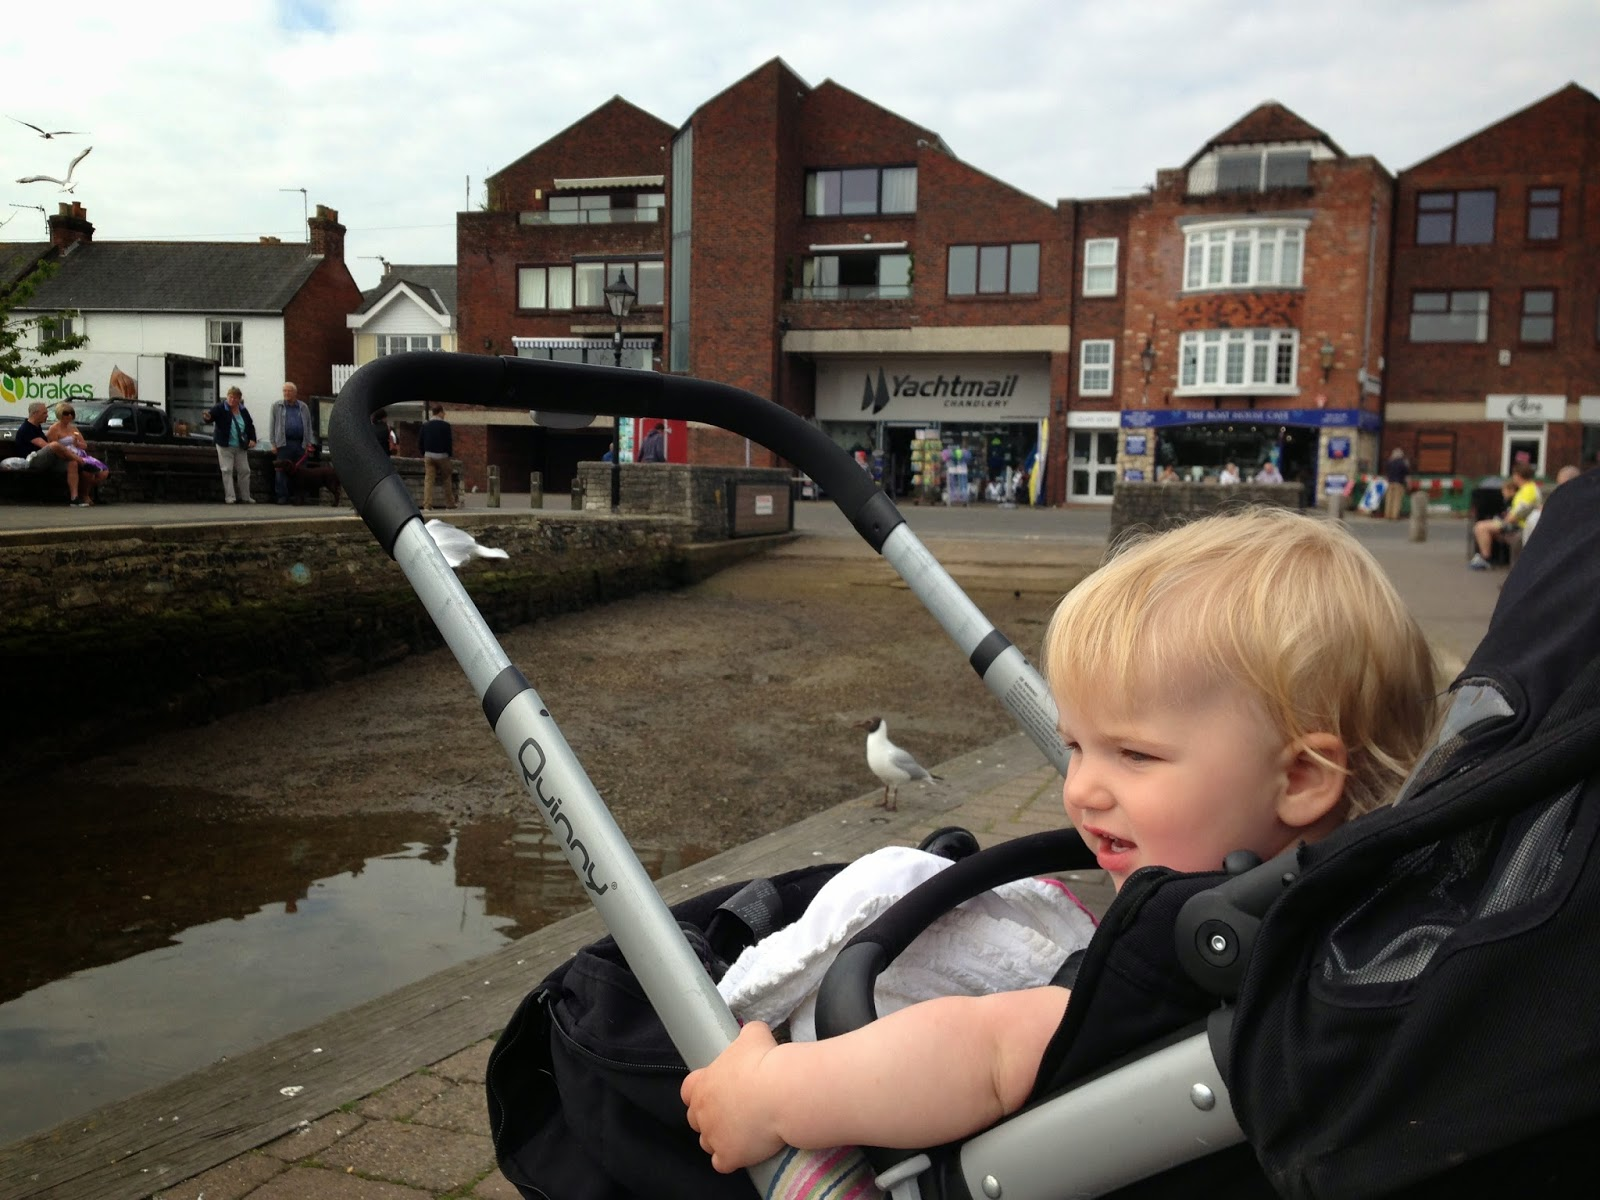 Baby Tin Box looking at seagulls at Lymington Quay